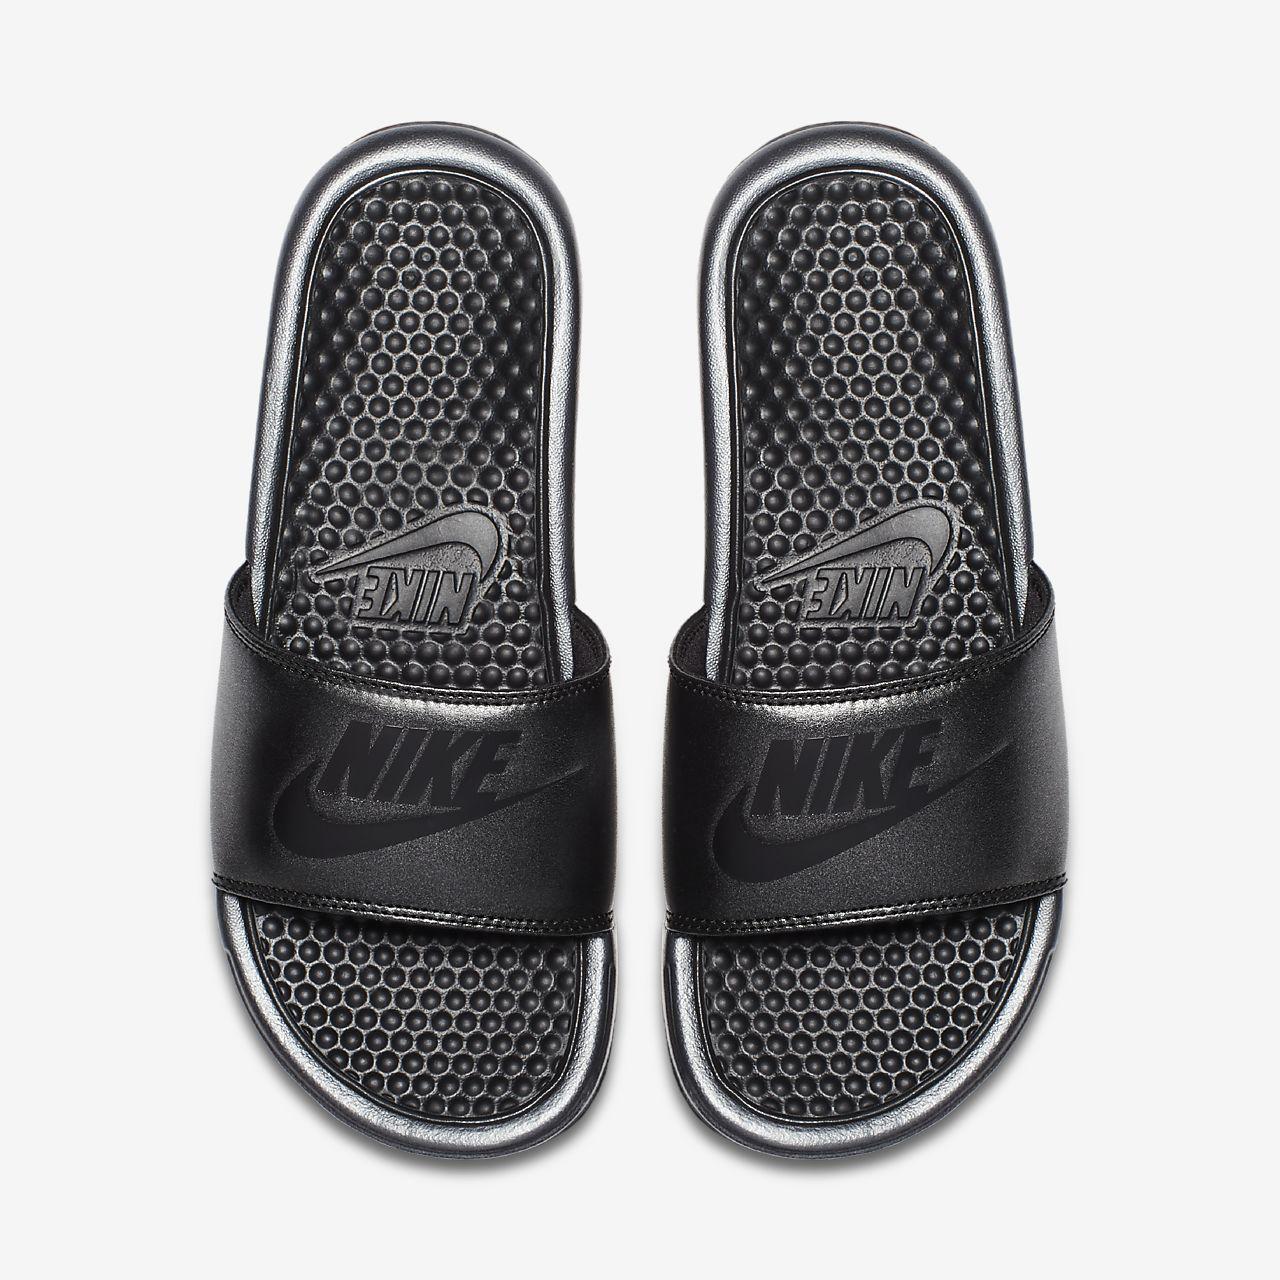 quality design 8614a b69d4 Sandalia para mujer Nike Benassi Metallic QS. Nike.com MX